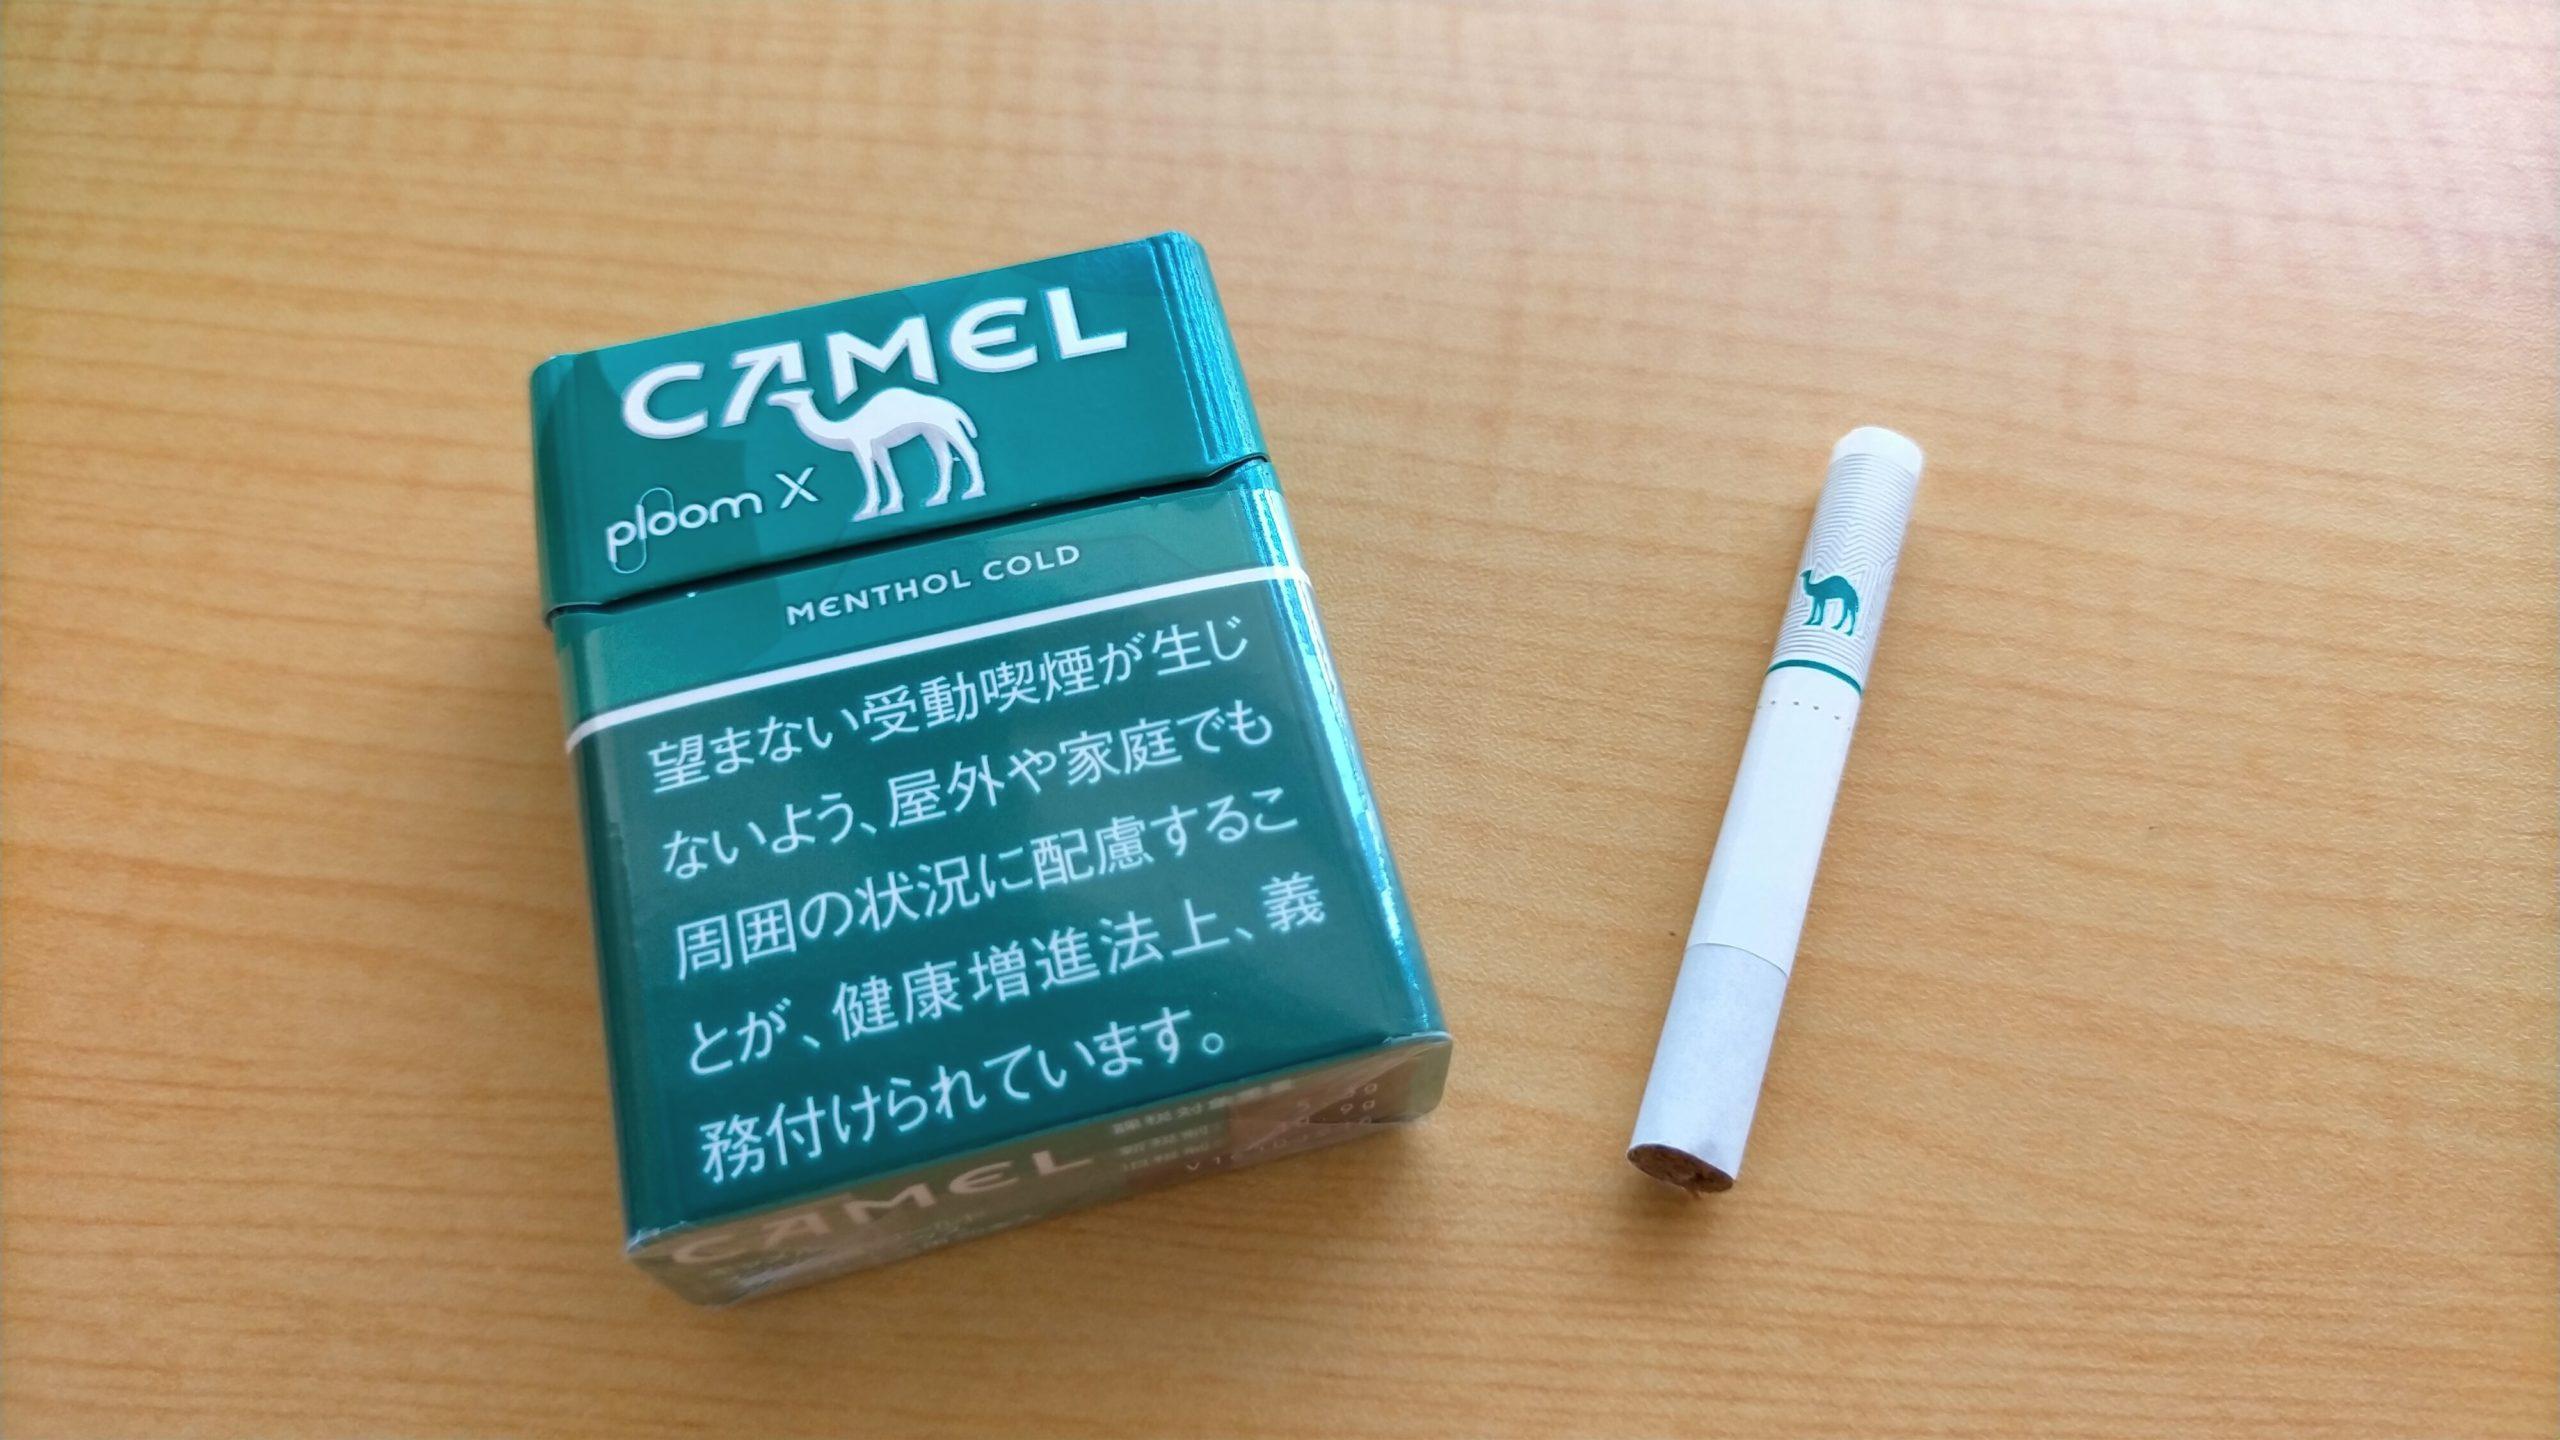 キャメル・メンソール・コールド・プルーム・エックス味